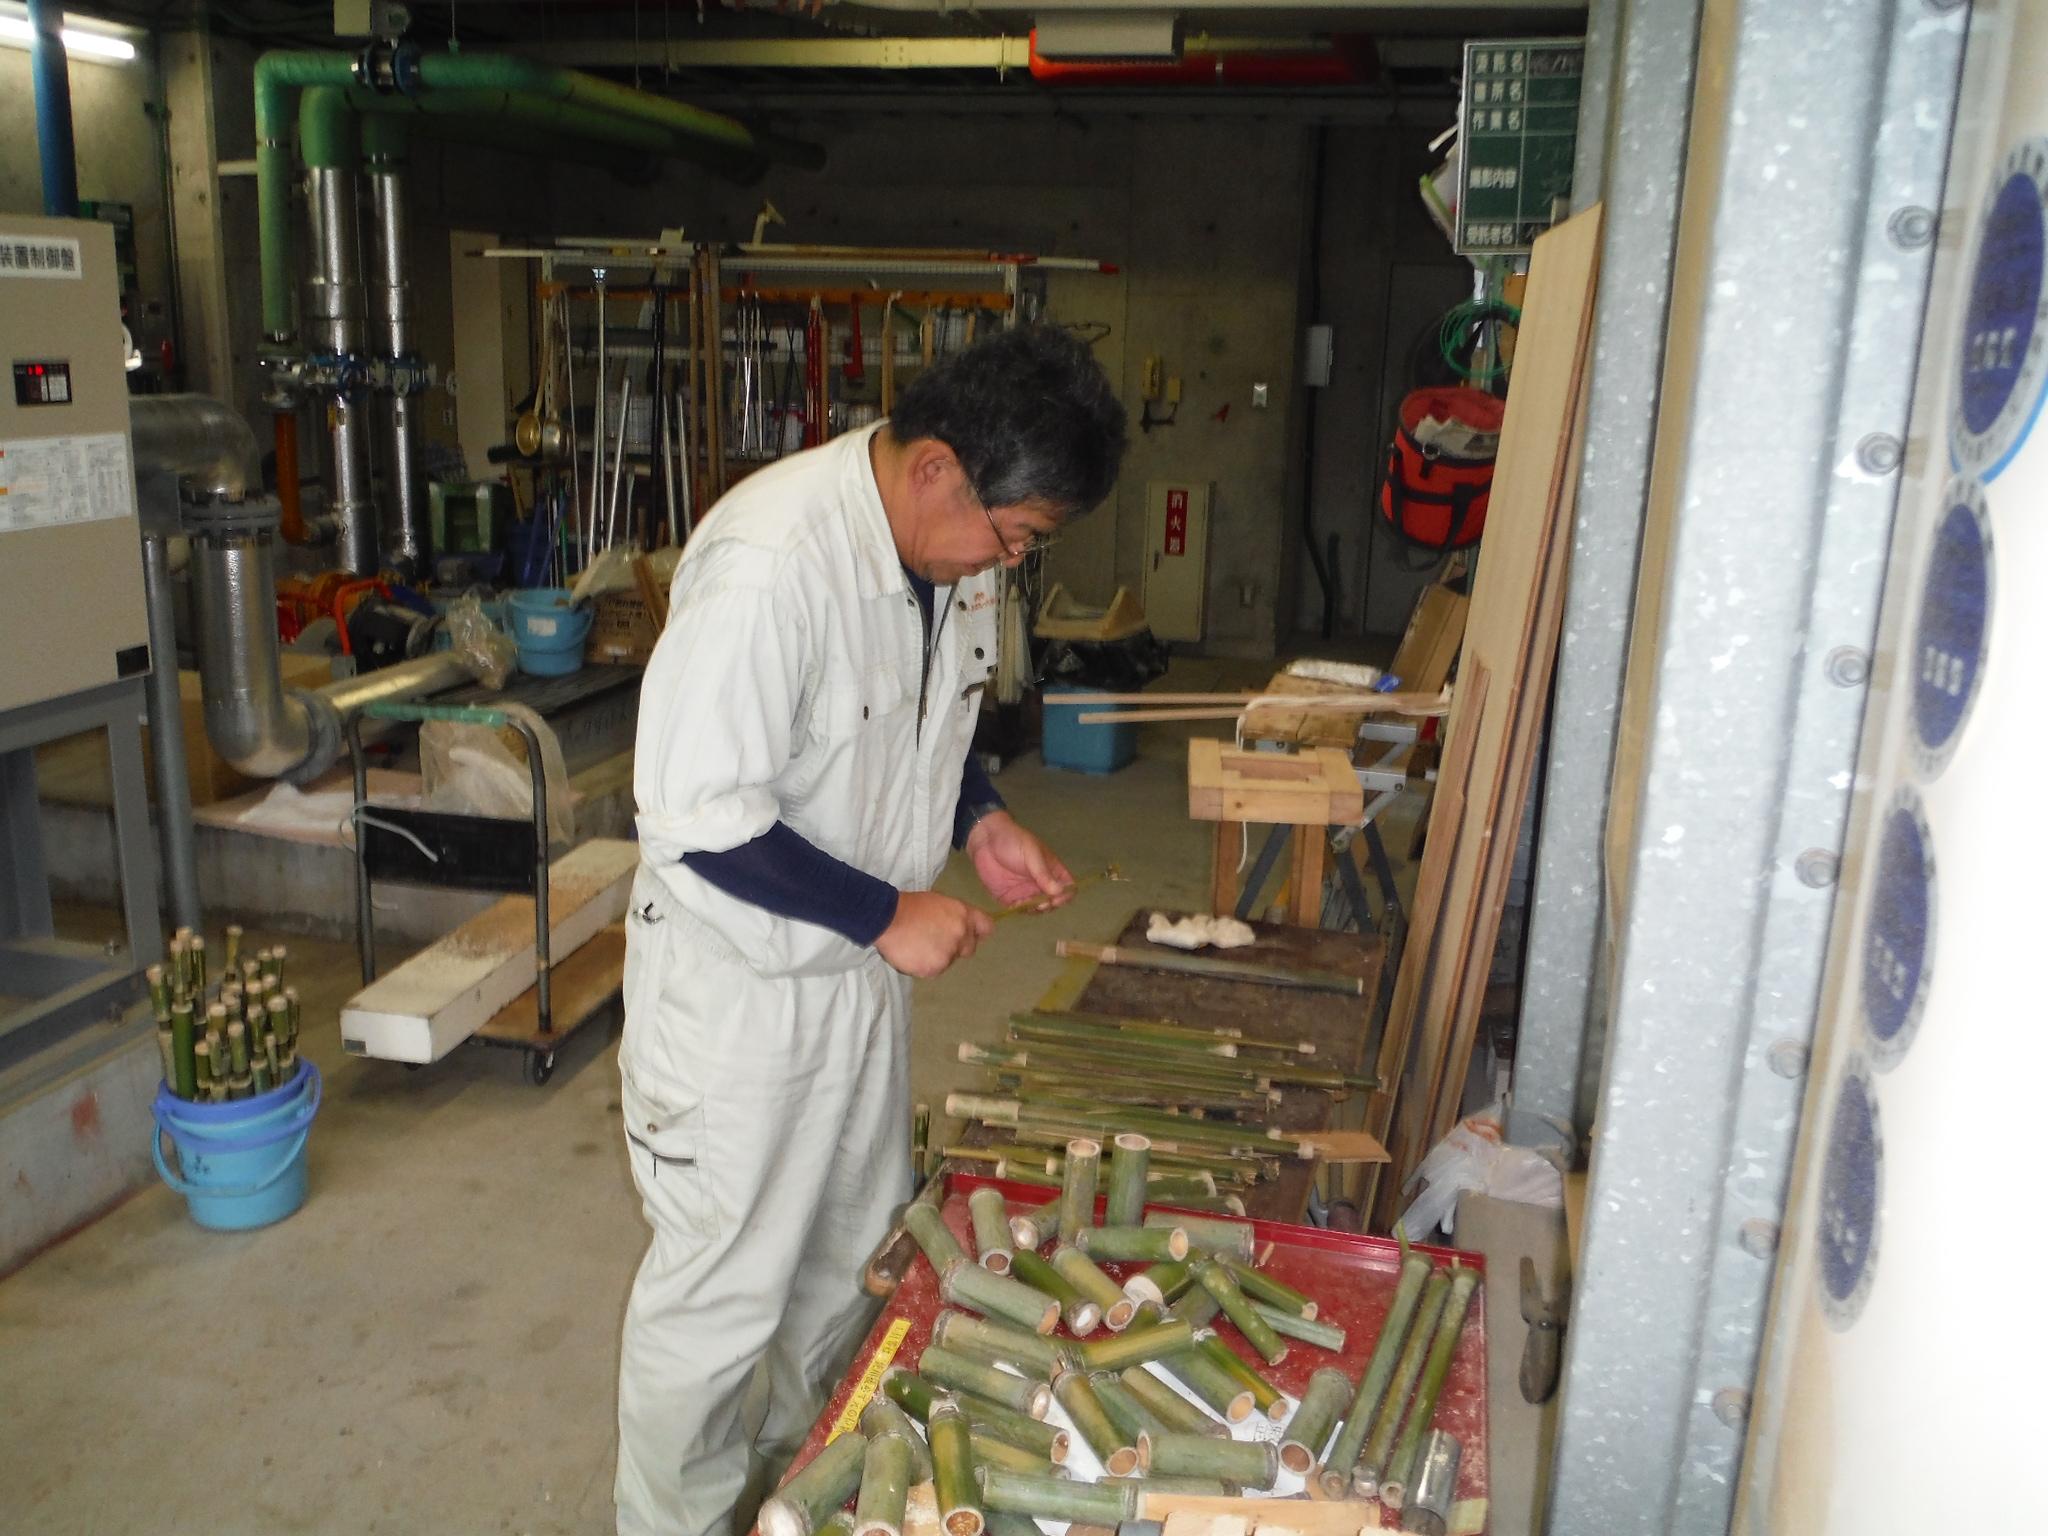 http://www.midorimachi.jp/blog/%E3%81%98%E3%82%83%E3%81%B6%EF%BC%AF%EF%BC%B0%E2%91%A0.JPG